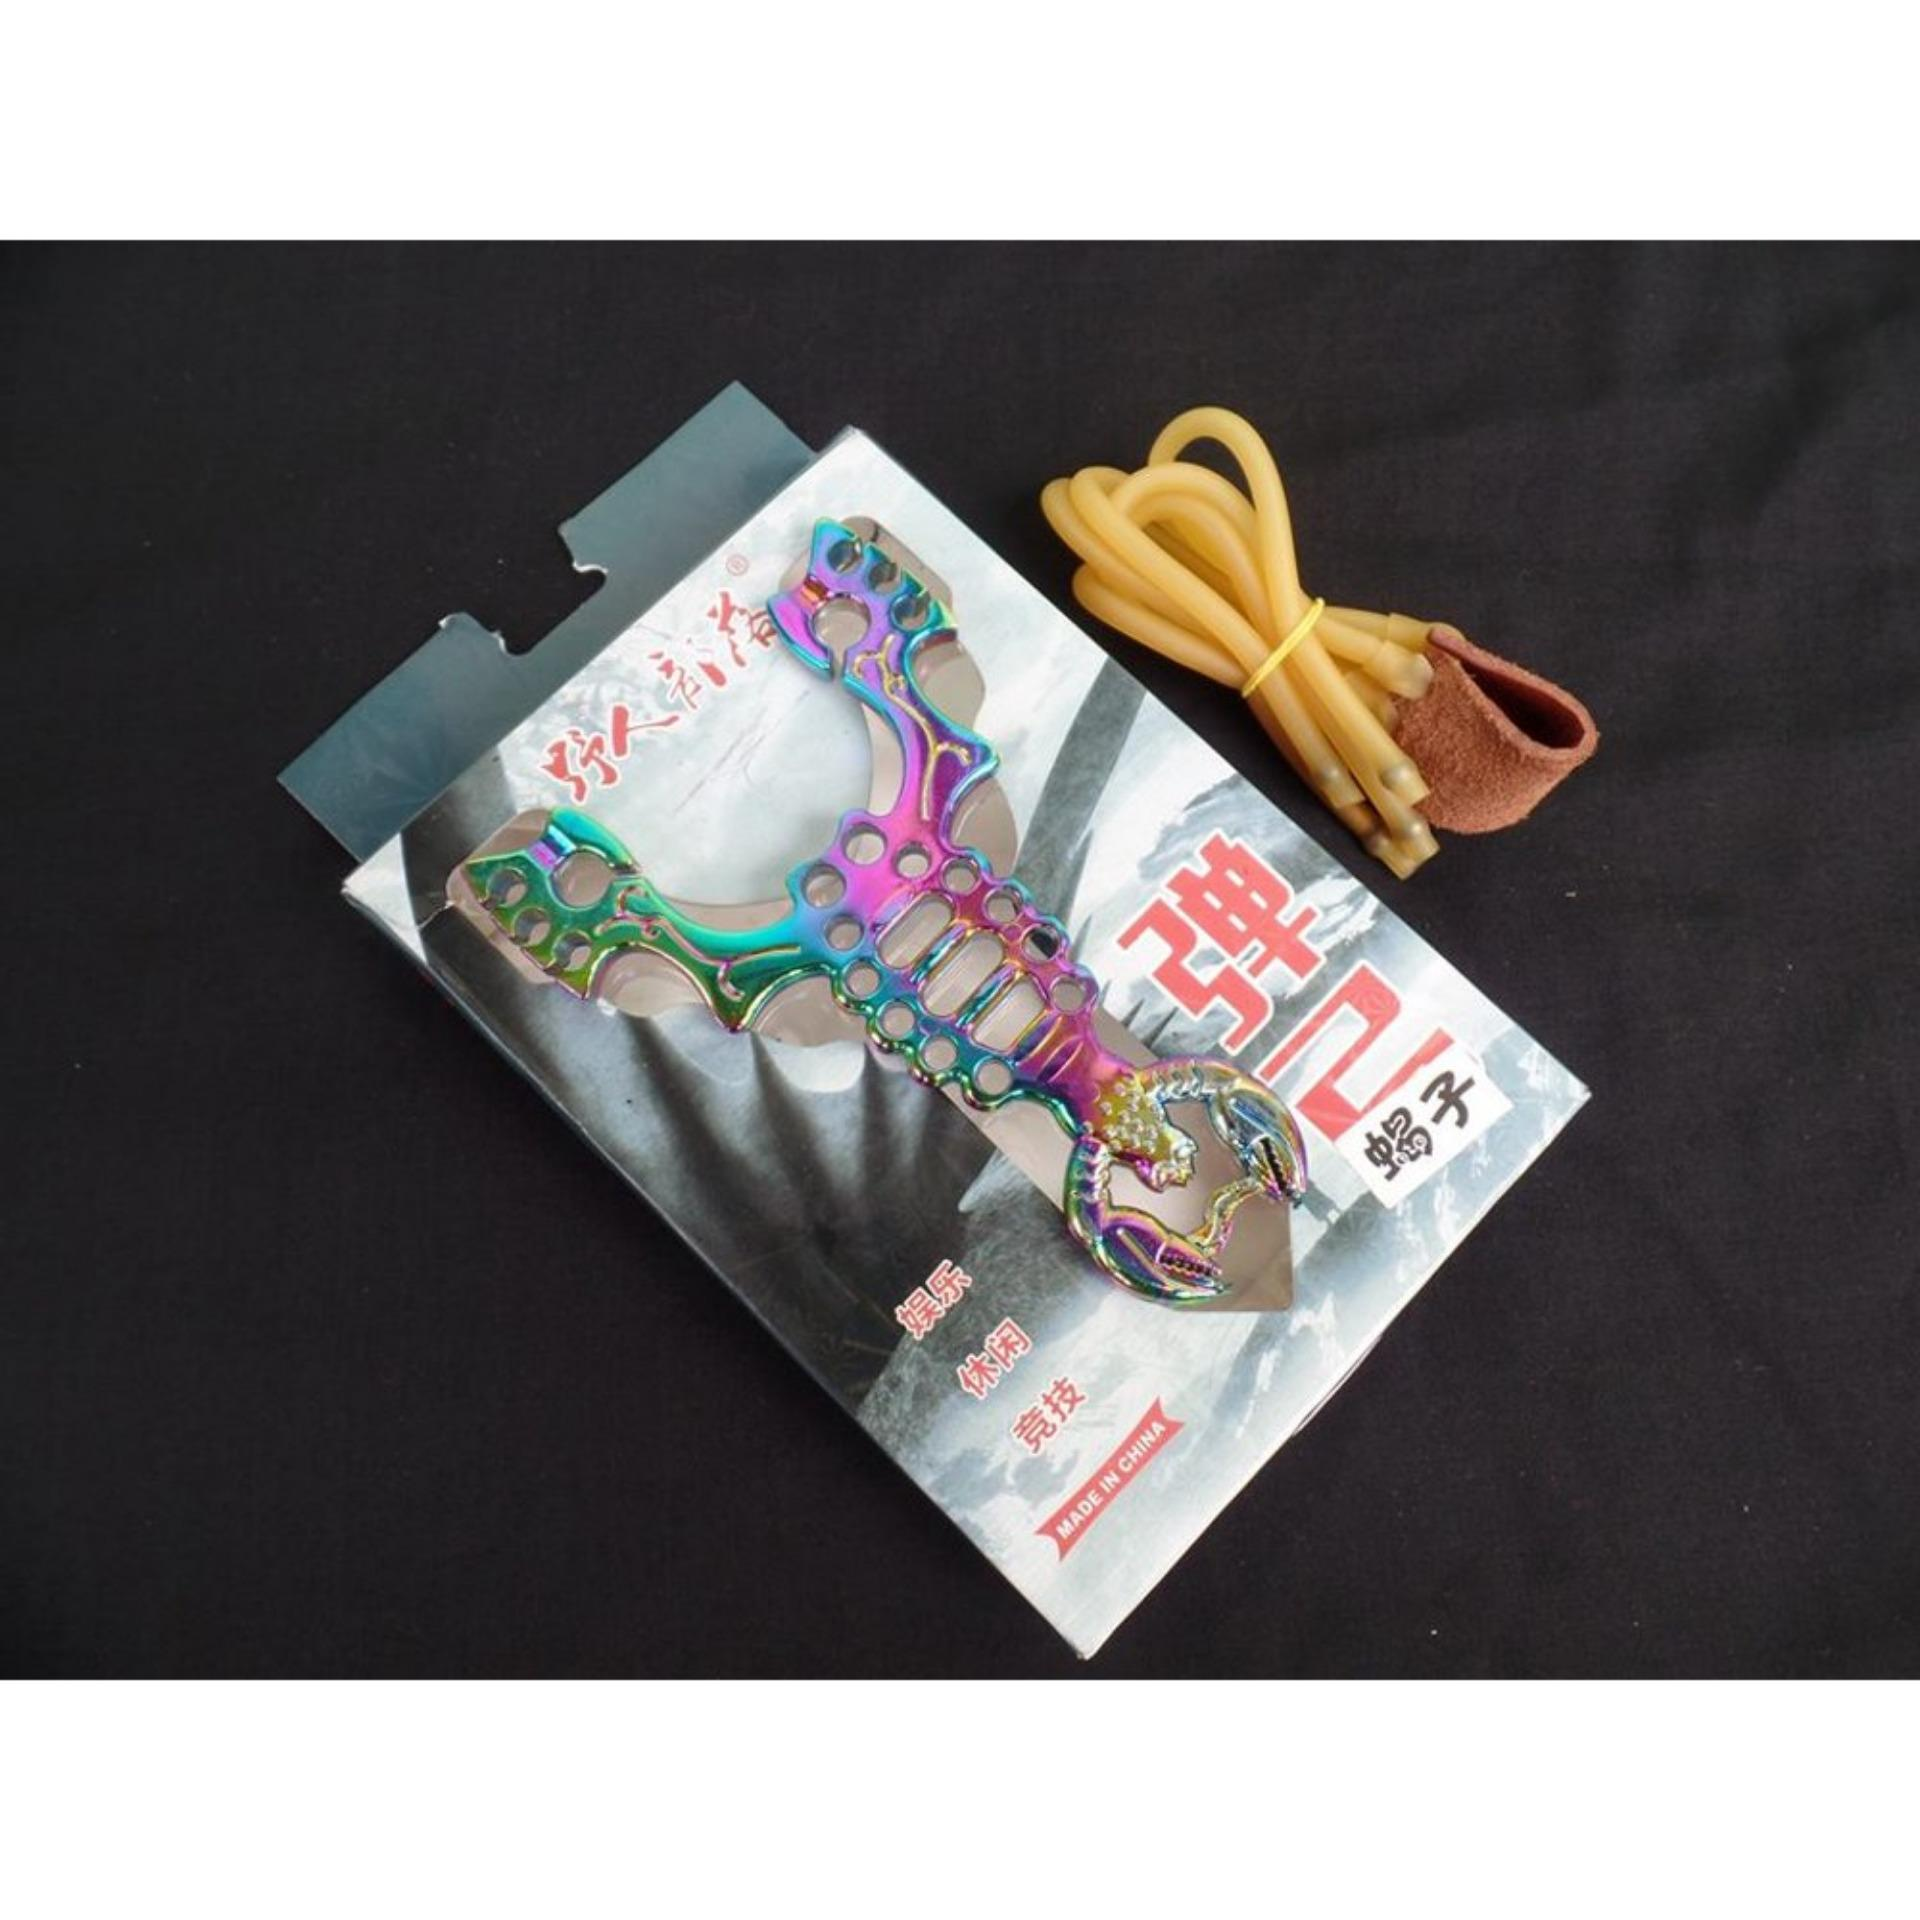 Top_Figure Ketapel Rainbow Scorpion // Ketapel Murah // Ketapel 1 Set